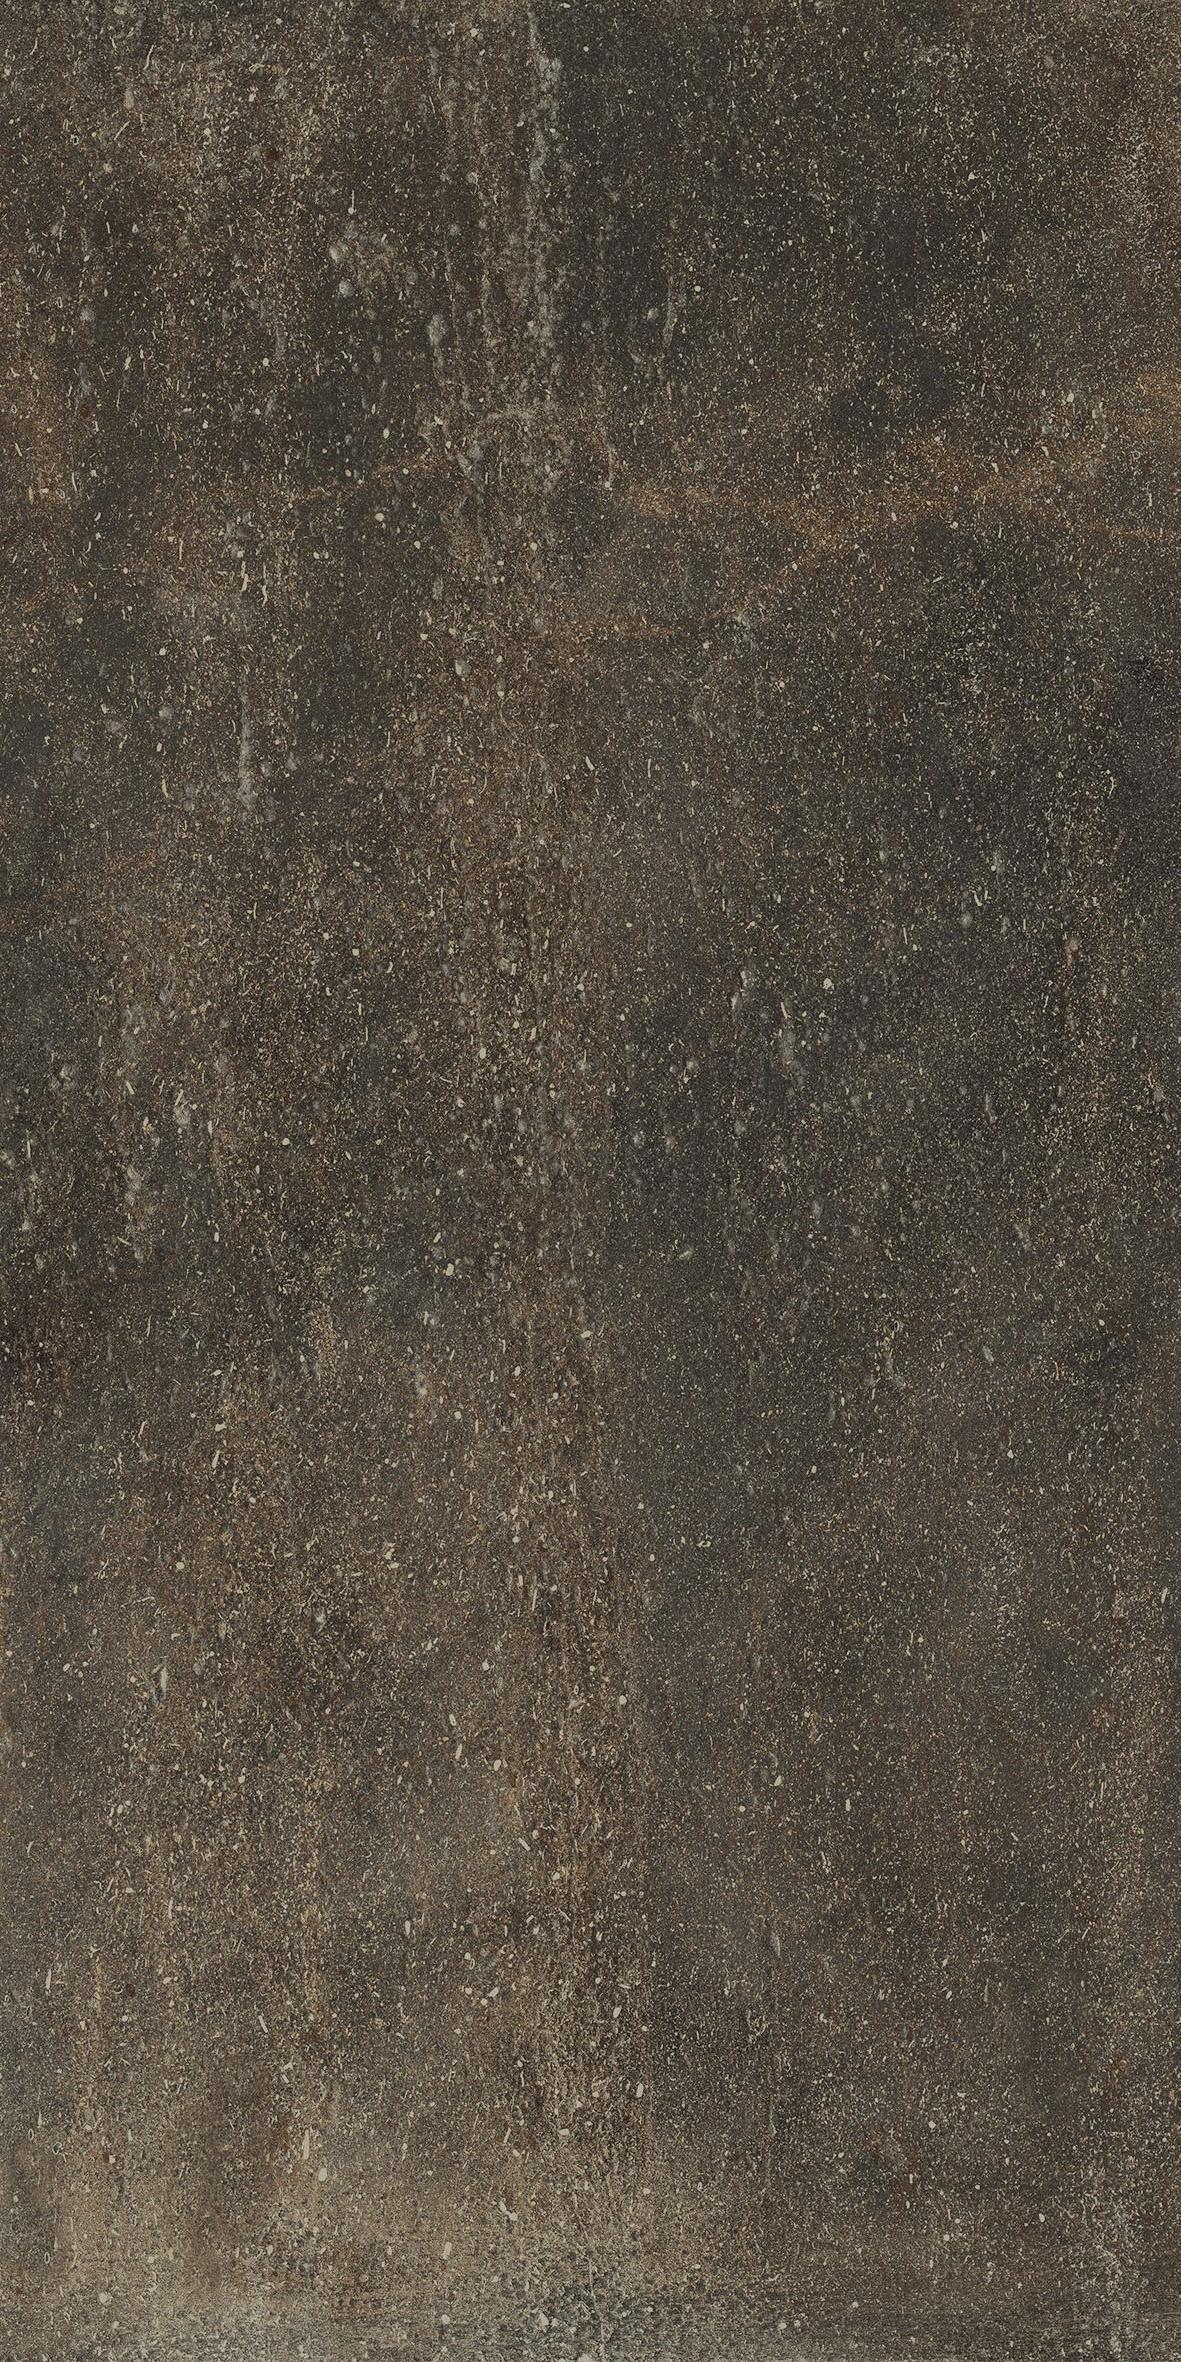 плитка из керамогранита структурированная italon дженезис 30x60 серый 610010001387 Плитка из керамогранита матовая Italon Дженезис 30x60 коричневый (610010001383)